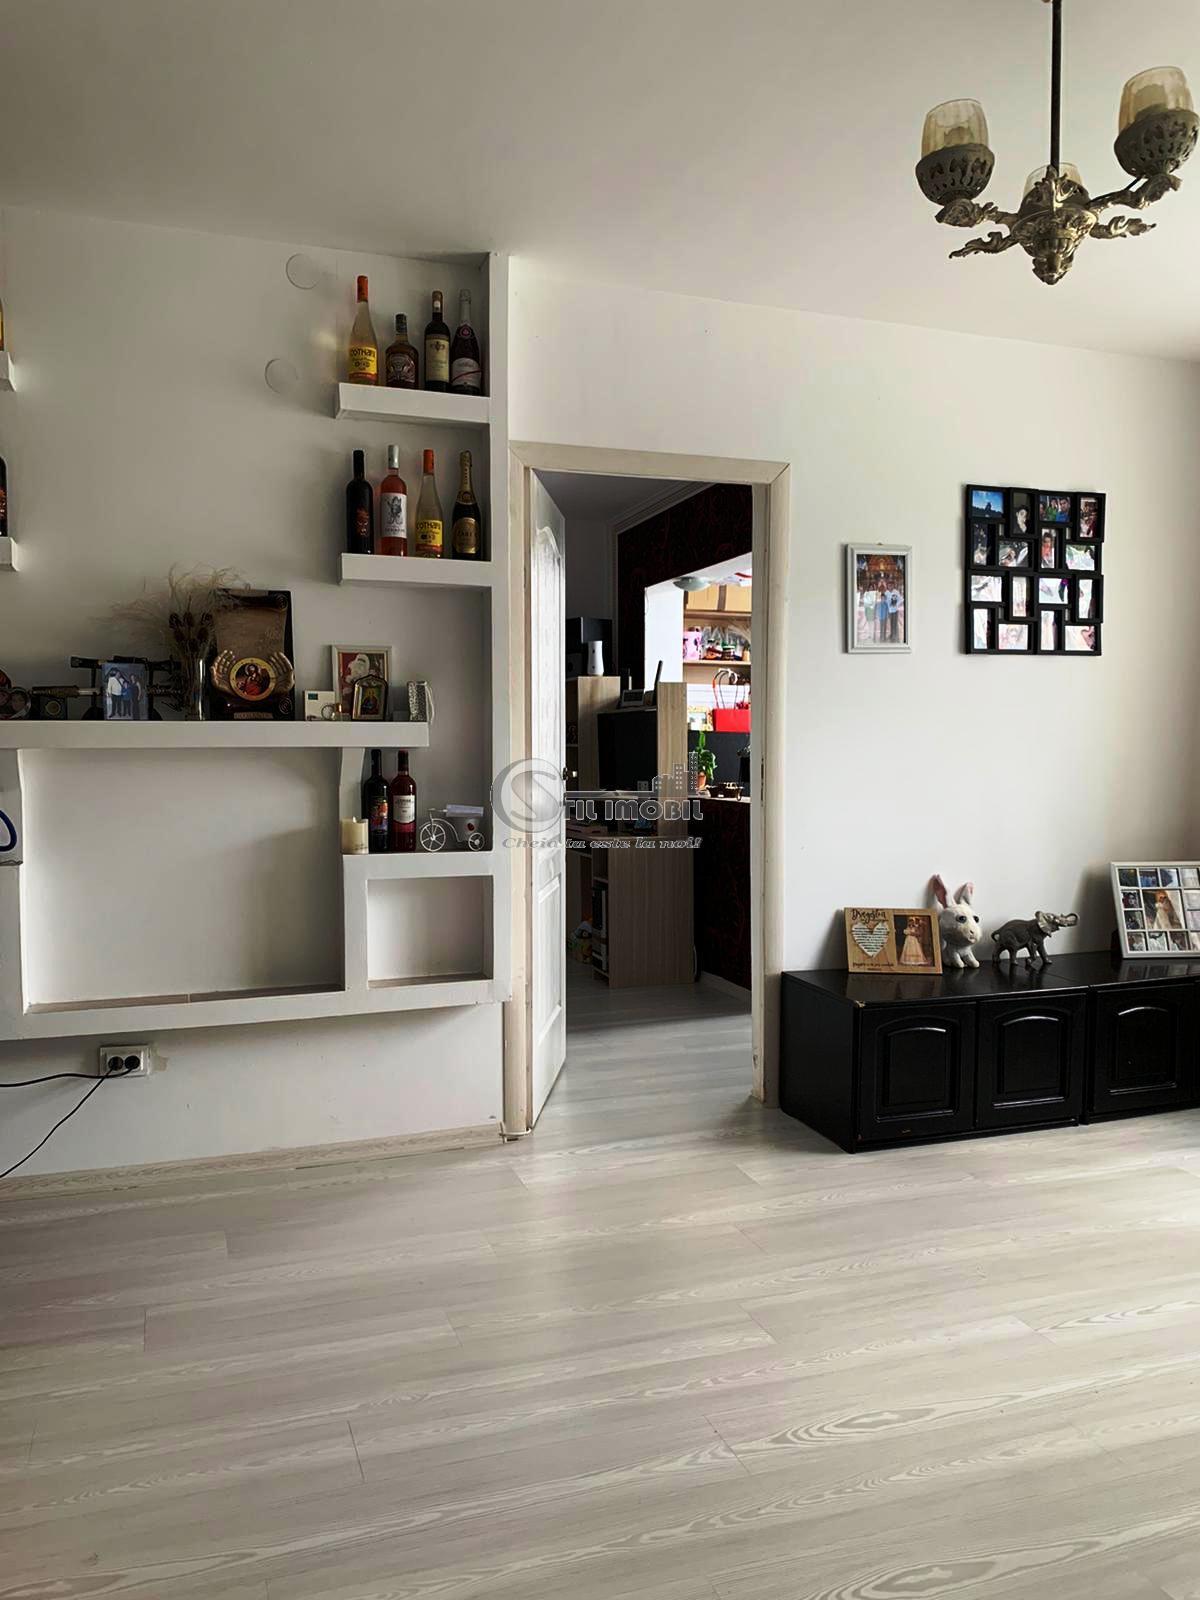 OFERTA! Apartament 2 camere->mobilat->Podu Ros->fara risc